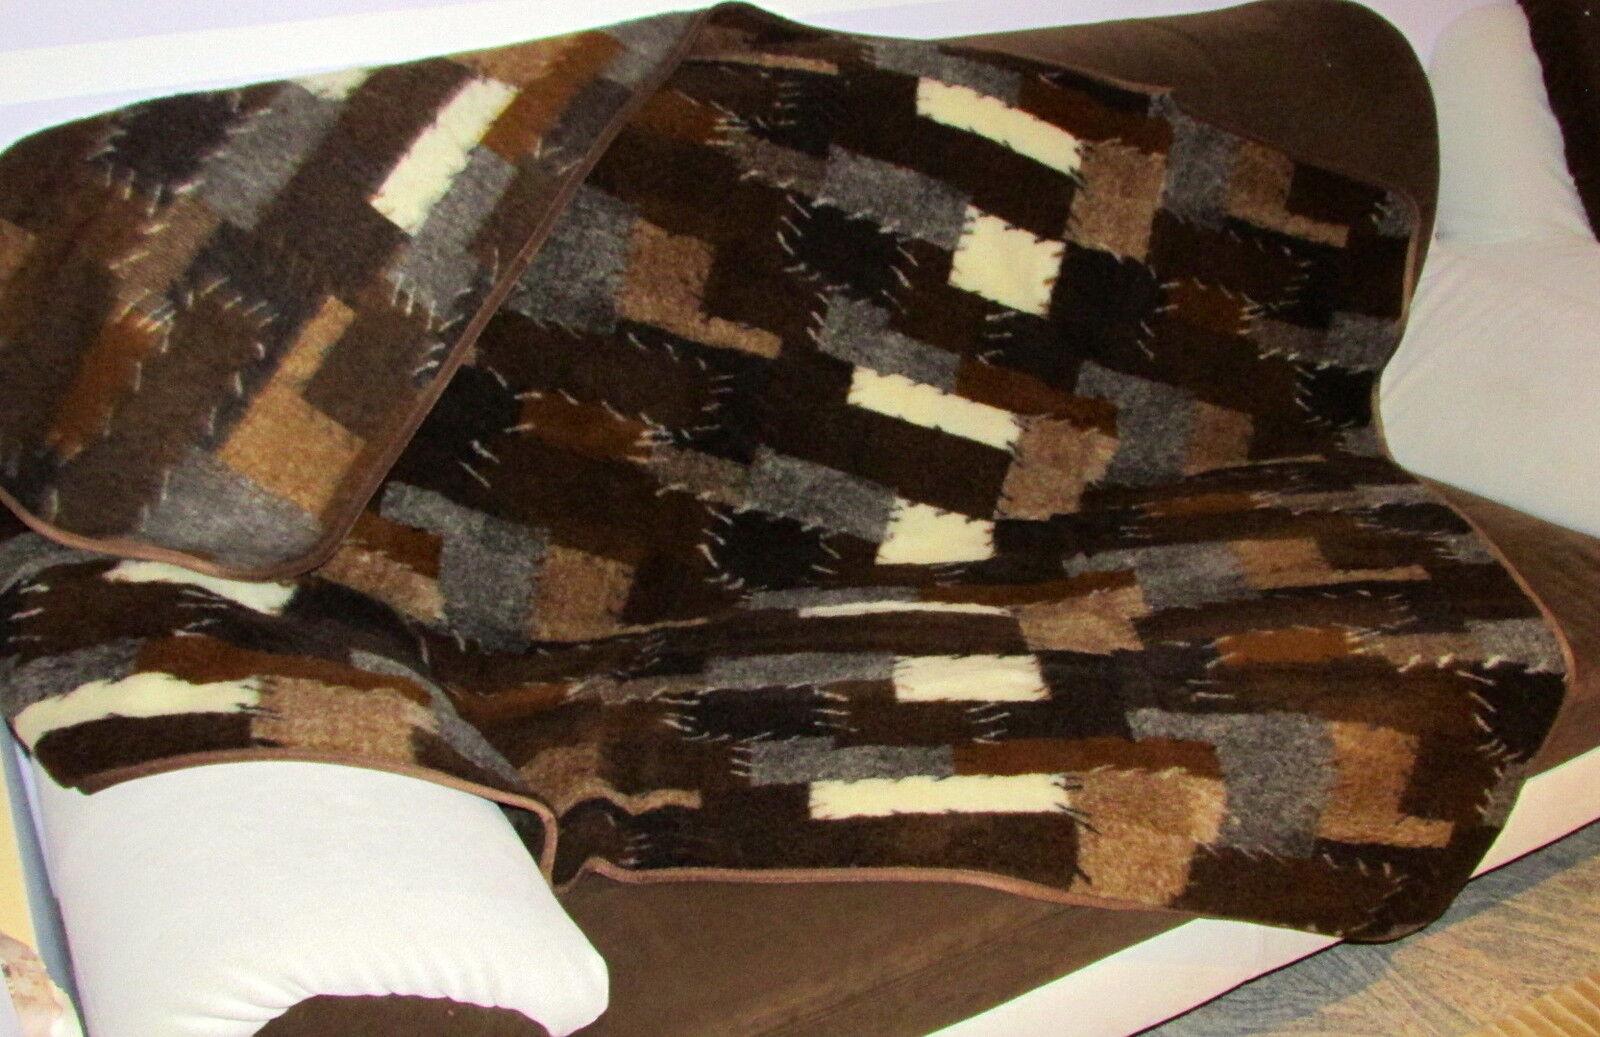 TAPPETO TAPPETO TAPPETO  Patchwork  divano coperta di lancio copriletto coperta unilateralmente 100% LANA 854b34